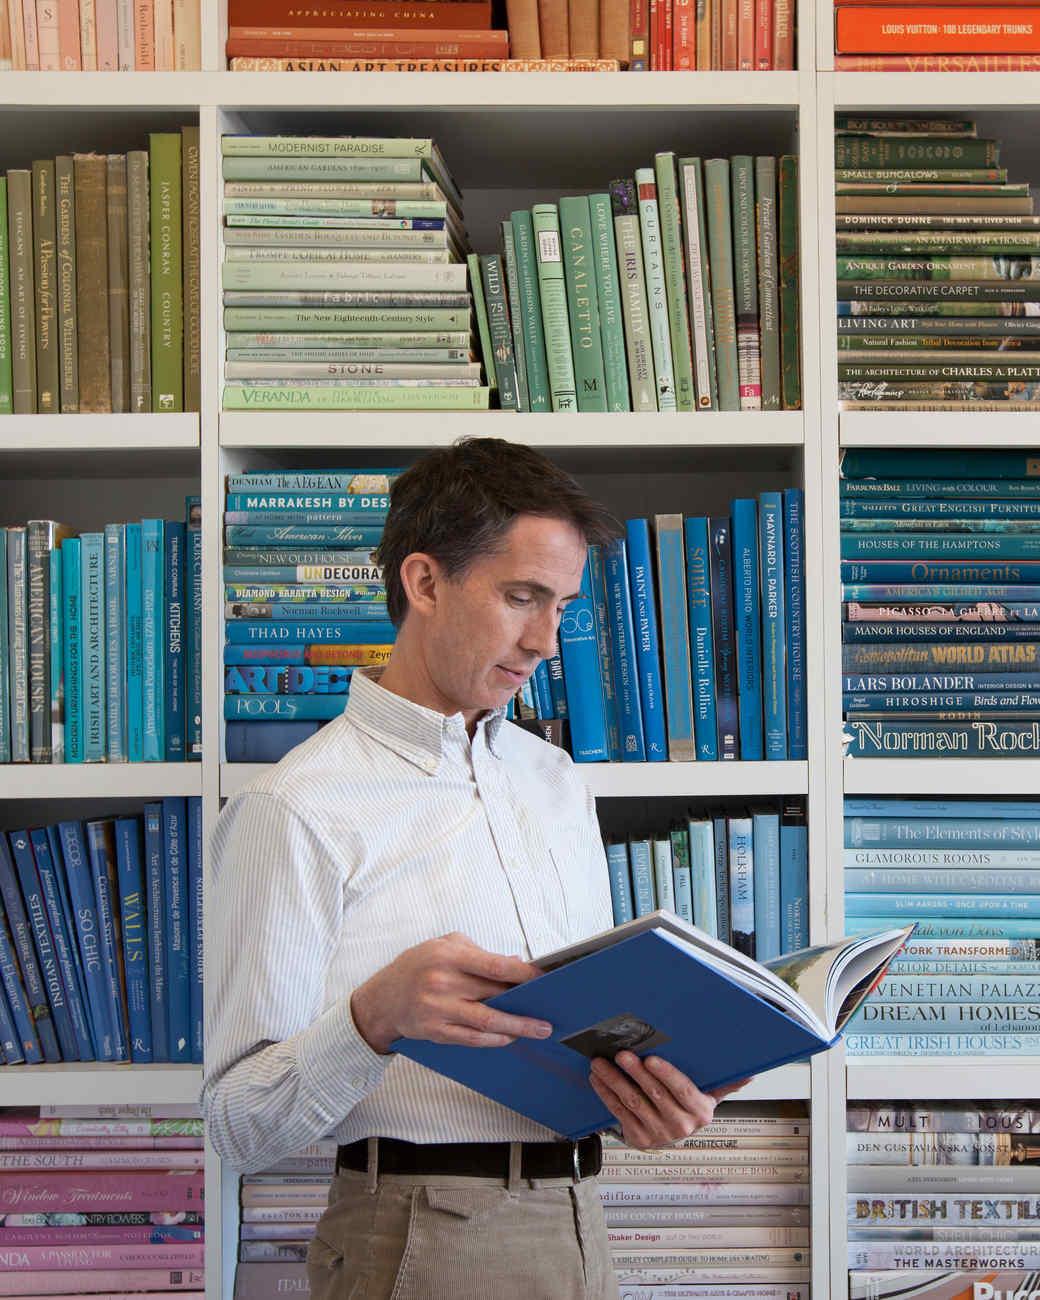 kevin-sharkey-office-3749-d112010.jpg